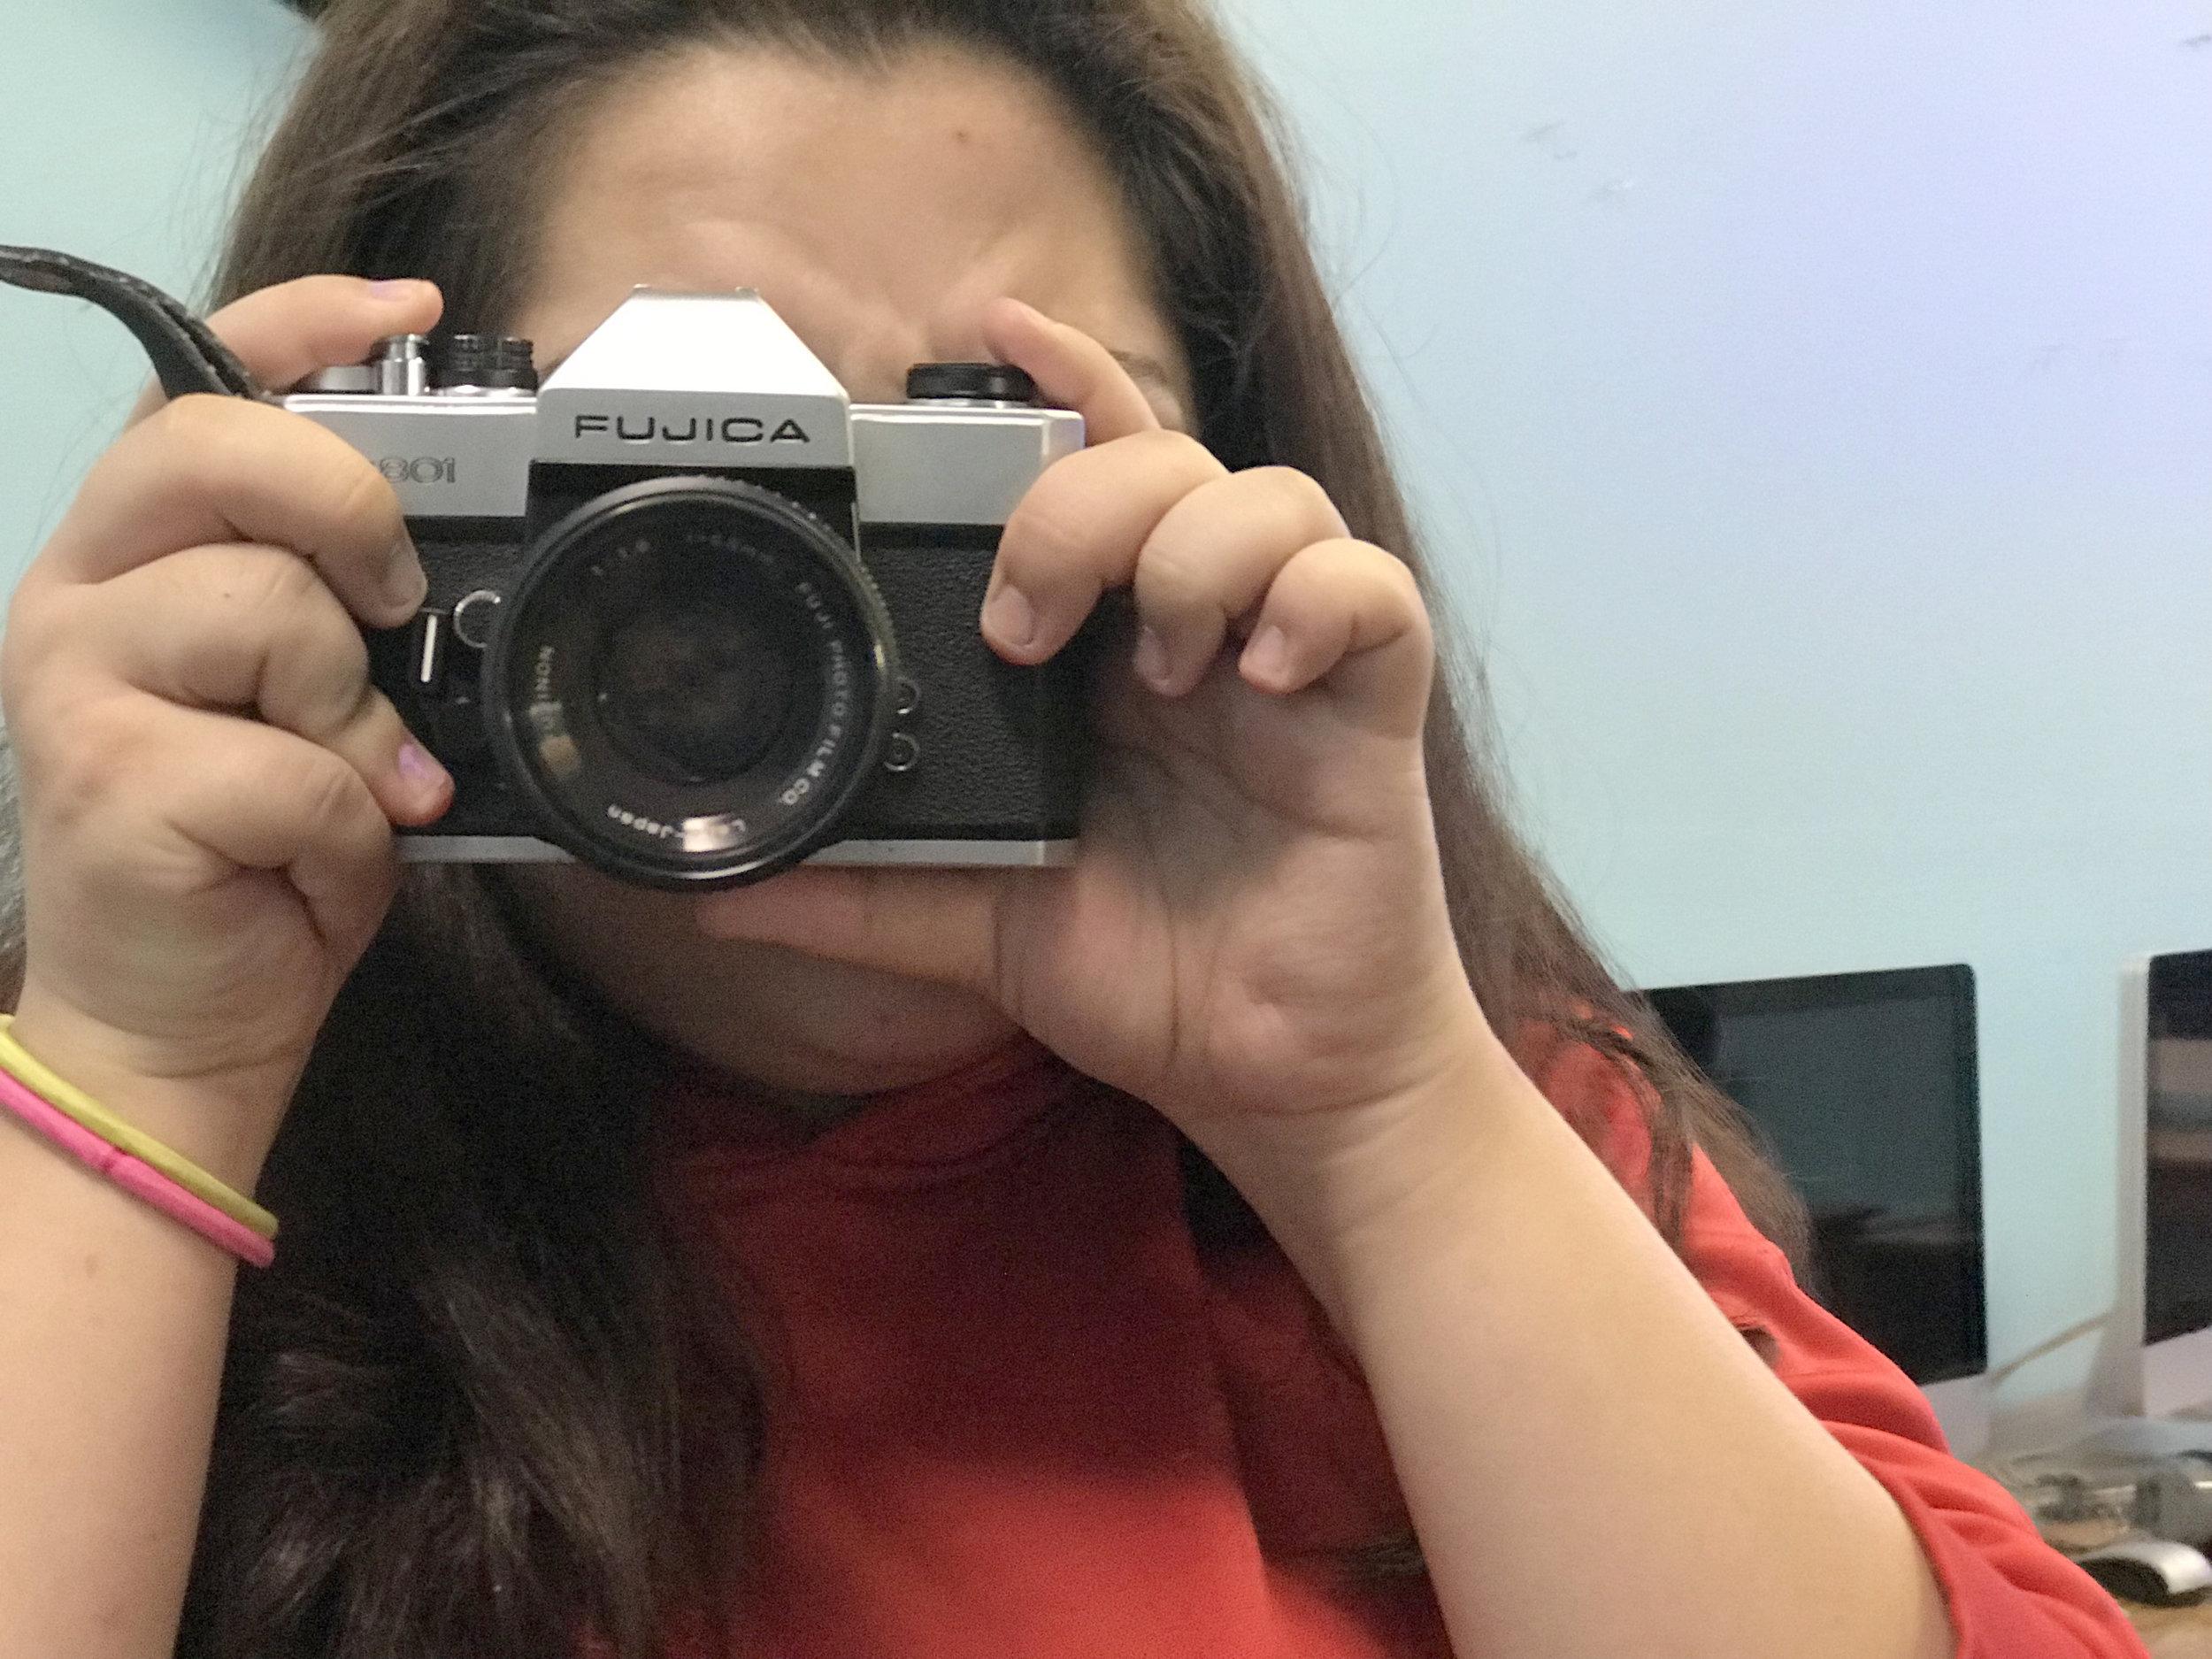 2018-08-28-film-camera-kinadee-lobstein.jpg